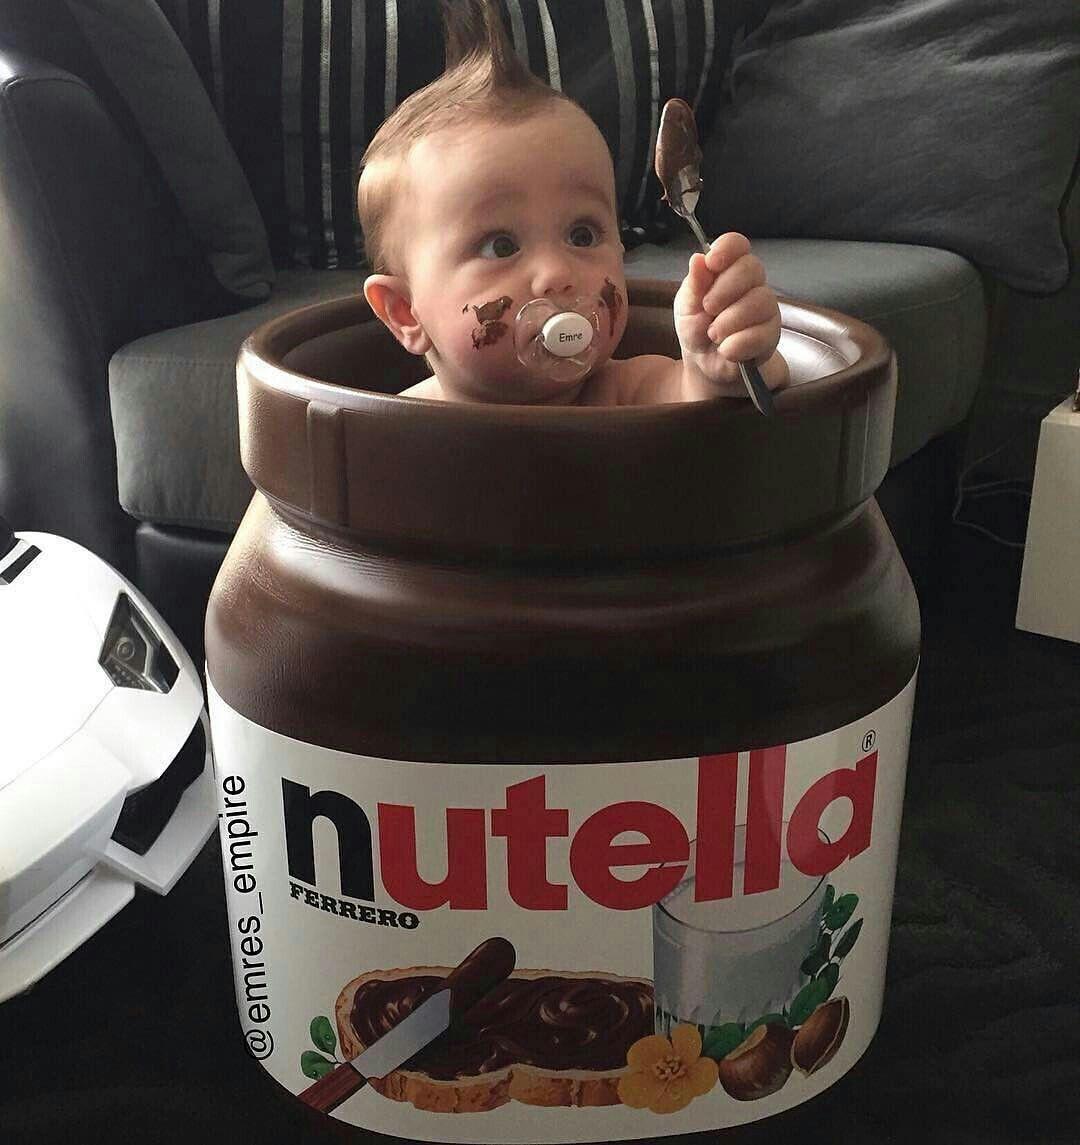 Pin Von Kaat Janssens Auf Baby Kids Nutella Lustig Nutella Bilder Baby Fotoshooting